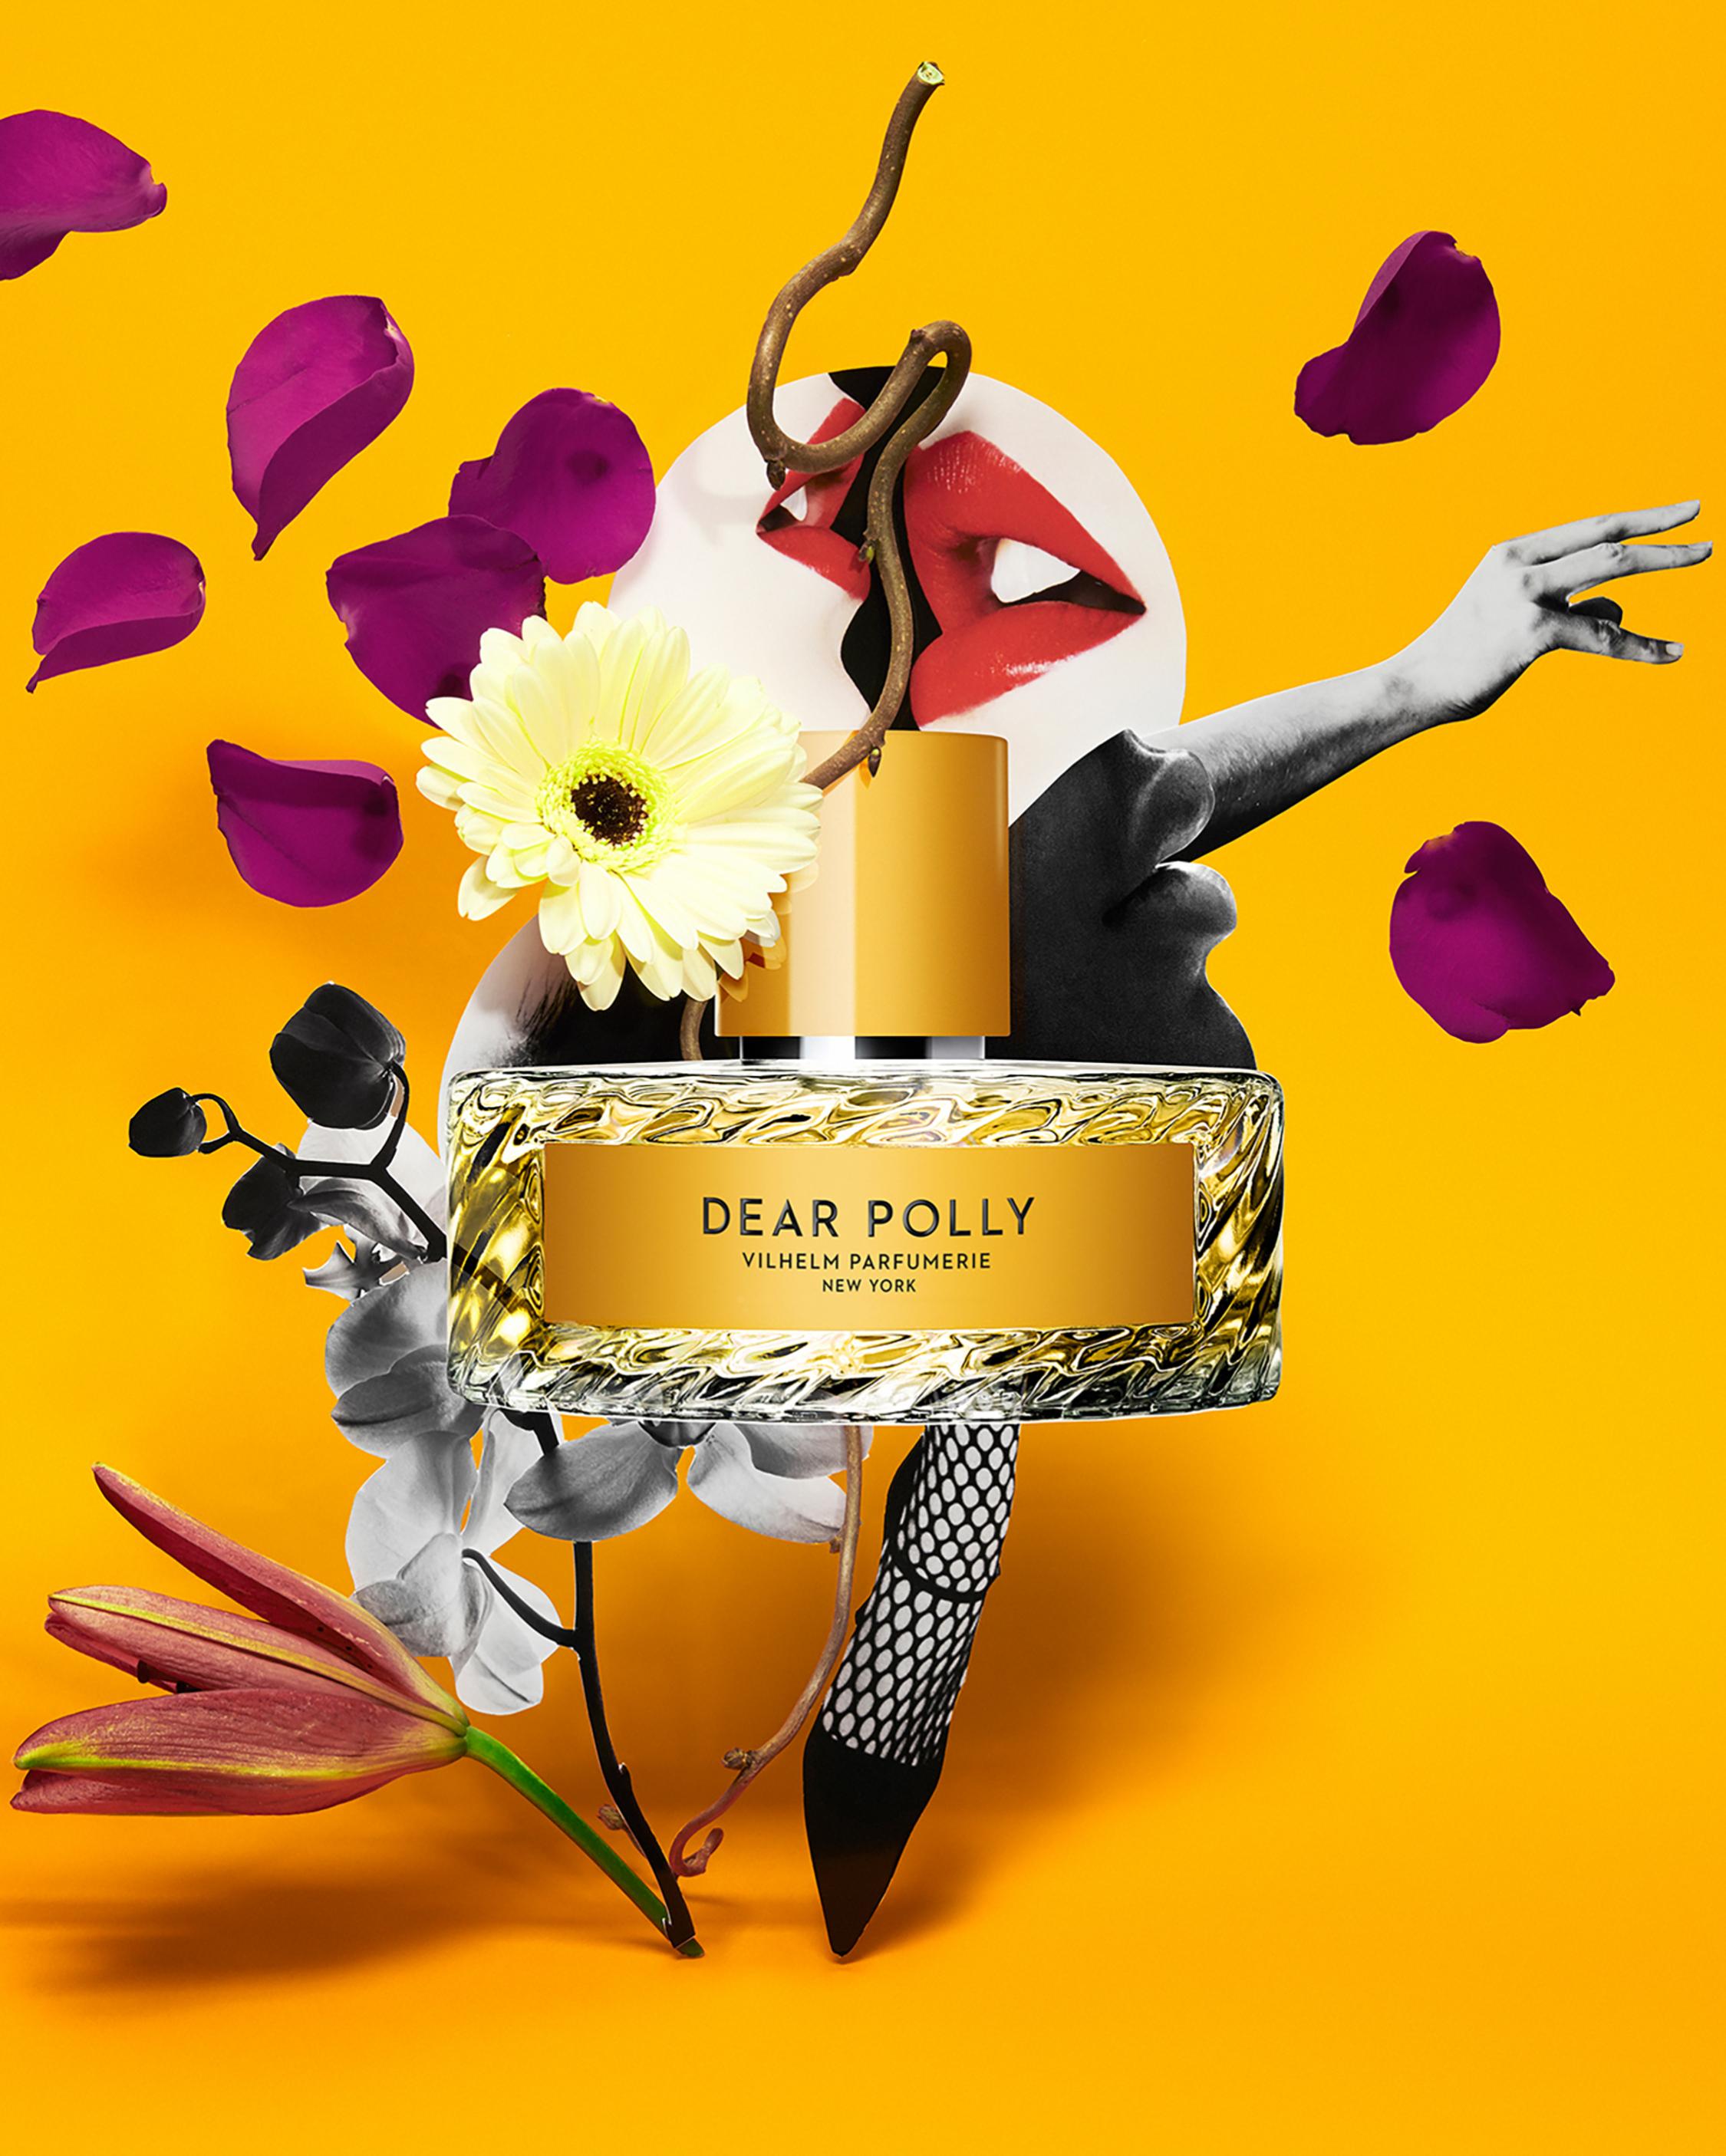 Vilhelm Perfumerie Dear Polly Eau de Parfum 100ml 2